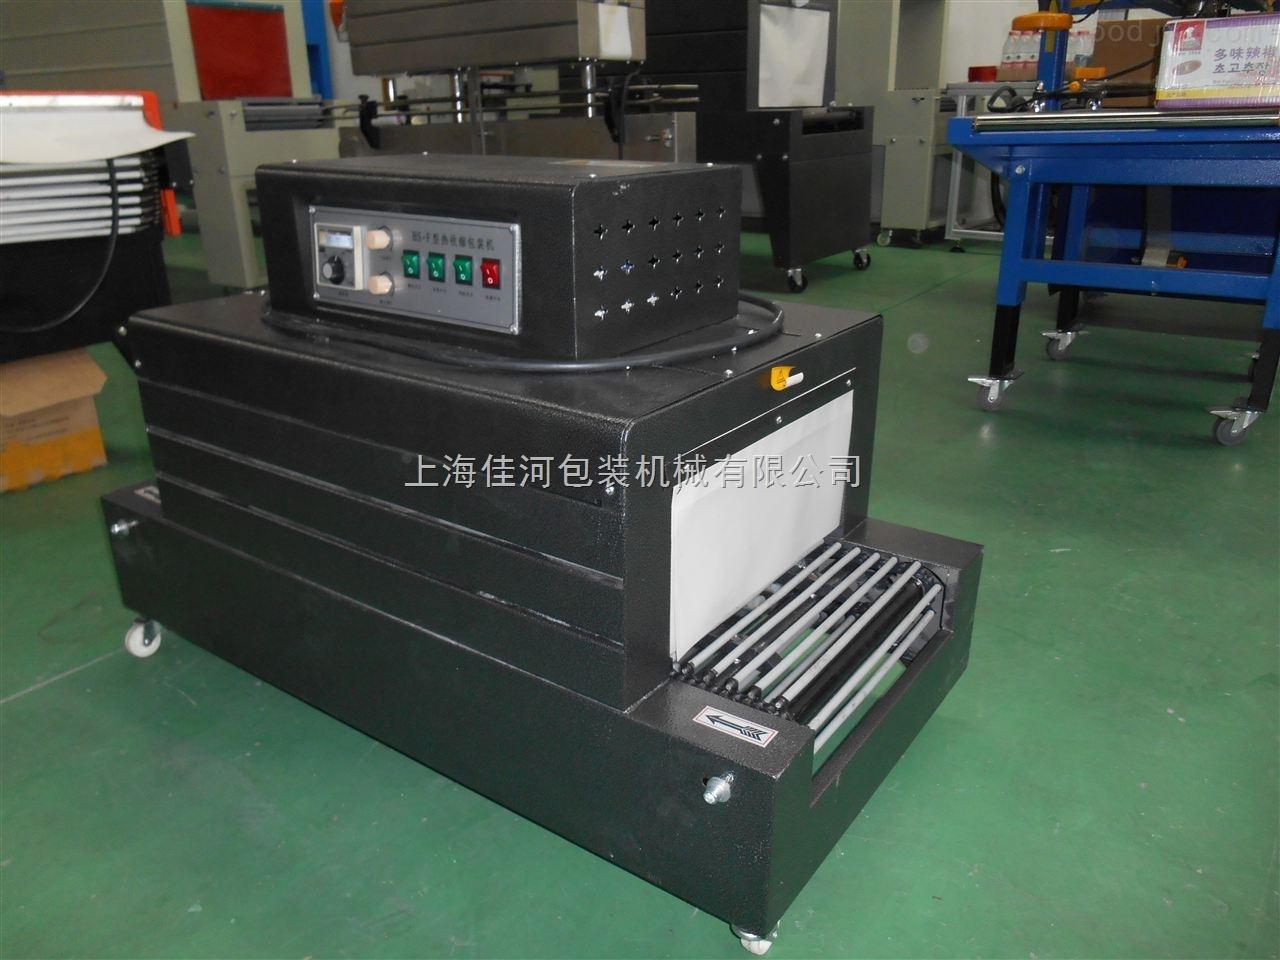 BS-400厂家供应  各种型号  热收缩包装机  纸盒  纸箱  瓶子收缩机